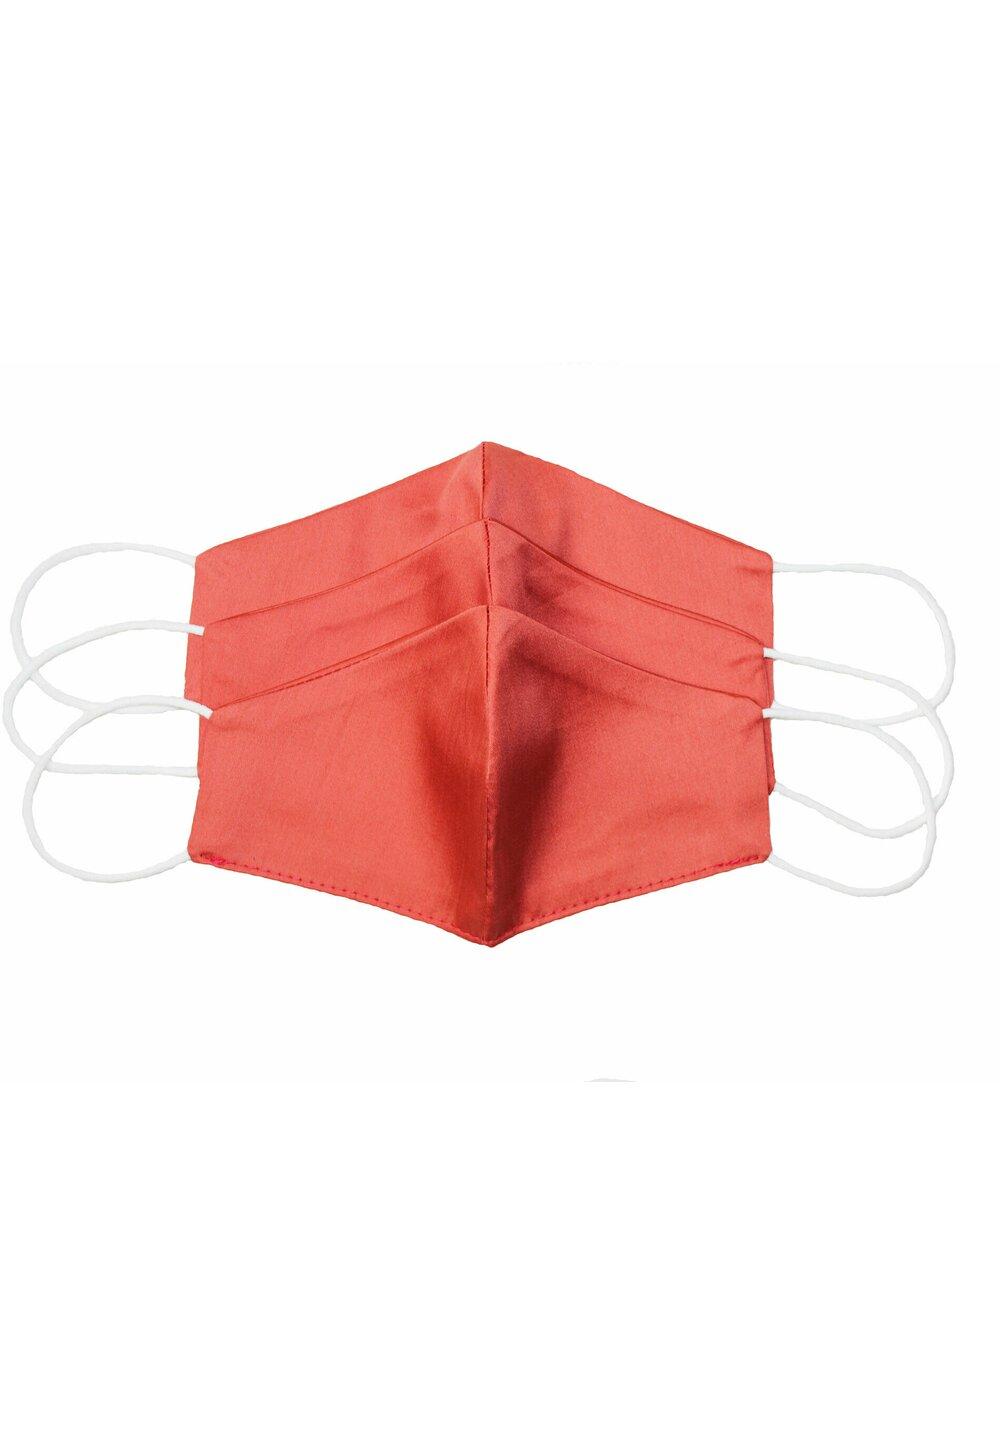 Masca reutilizabila, set 3 buc,copii, 2-6 ani, portocalie imagine